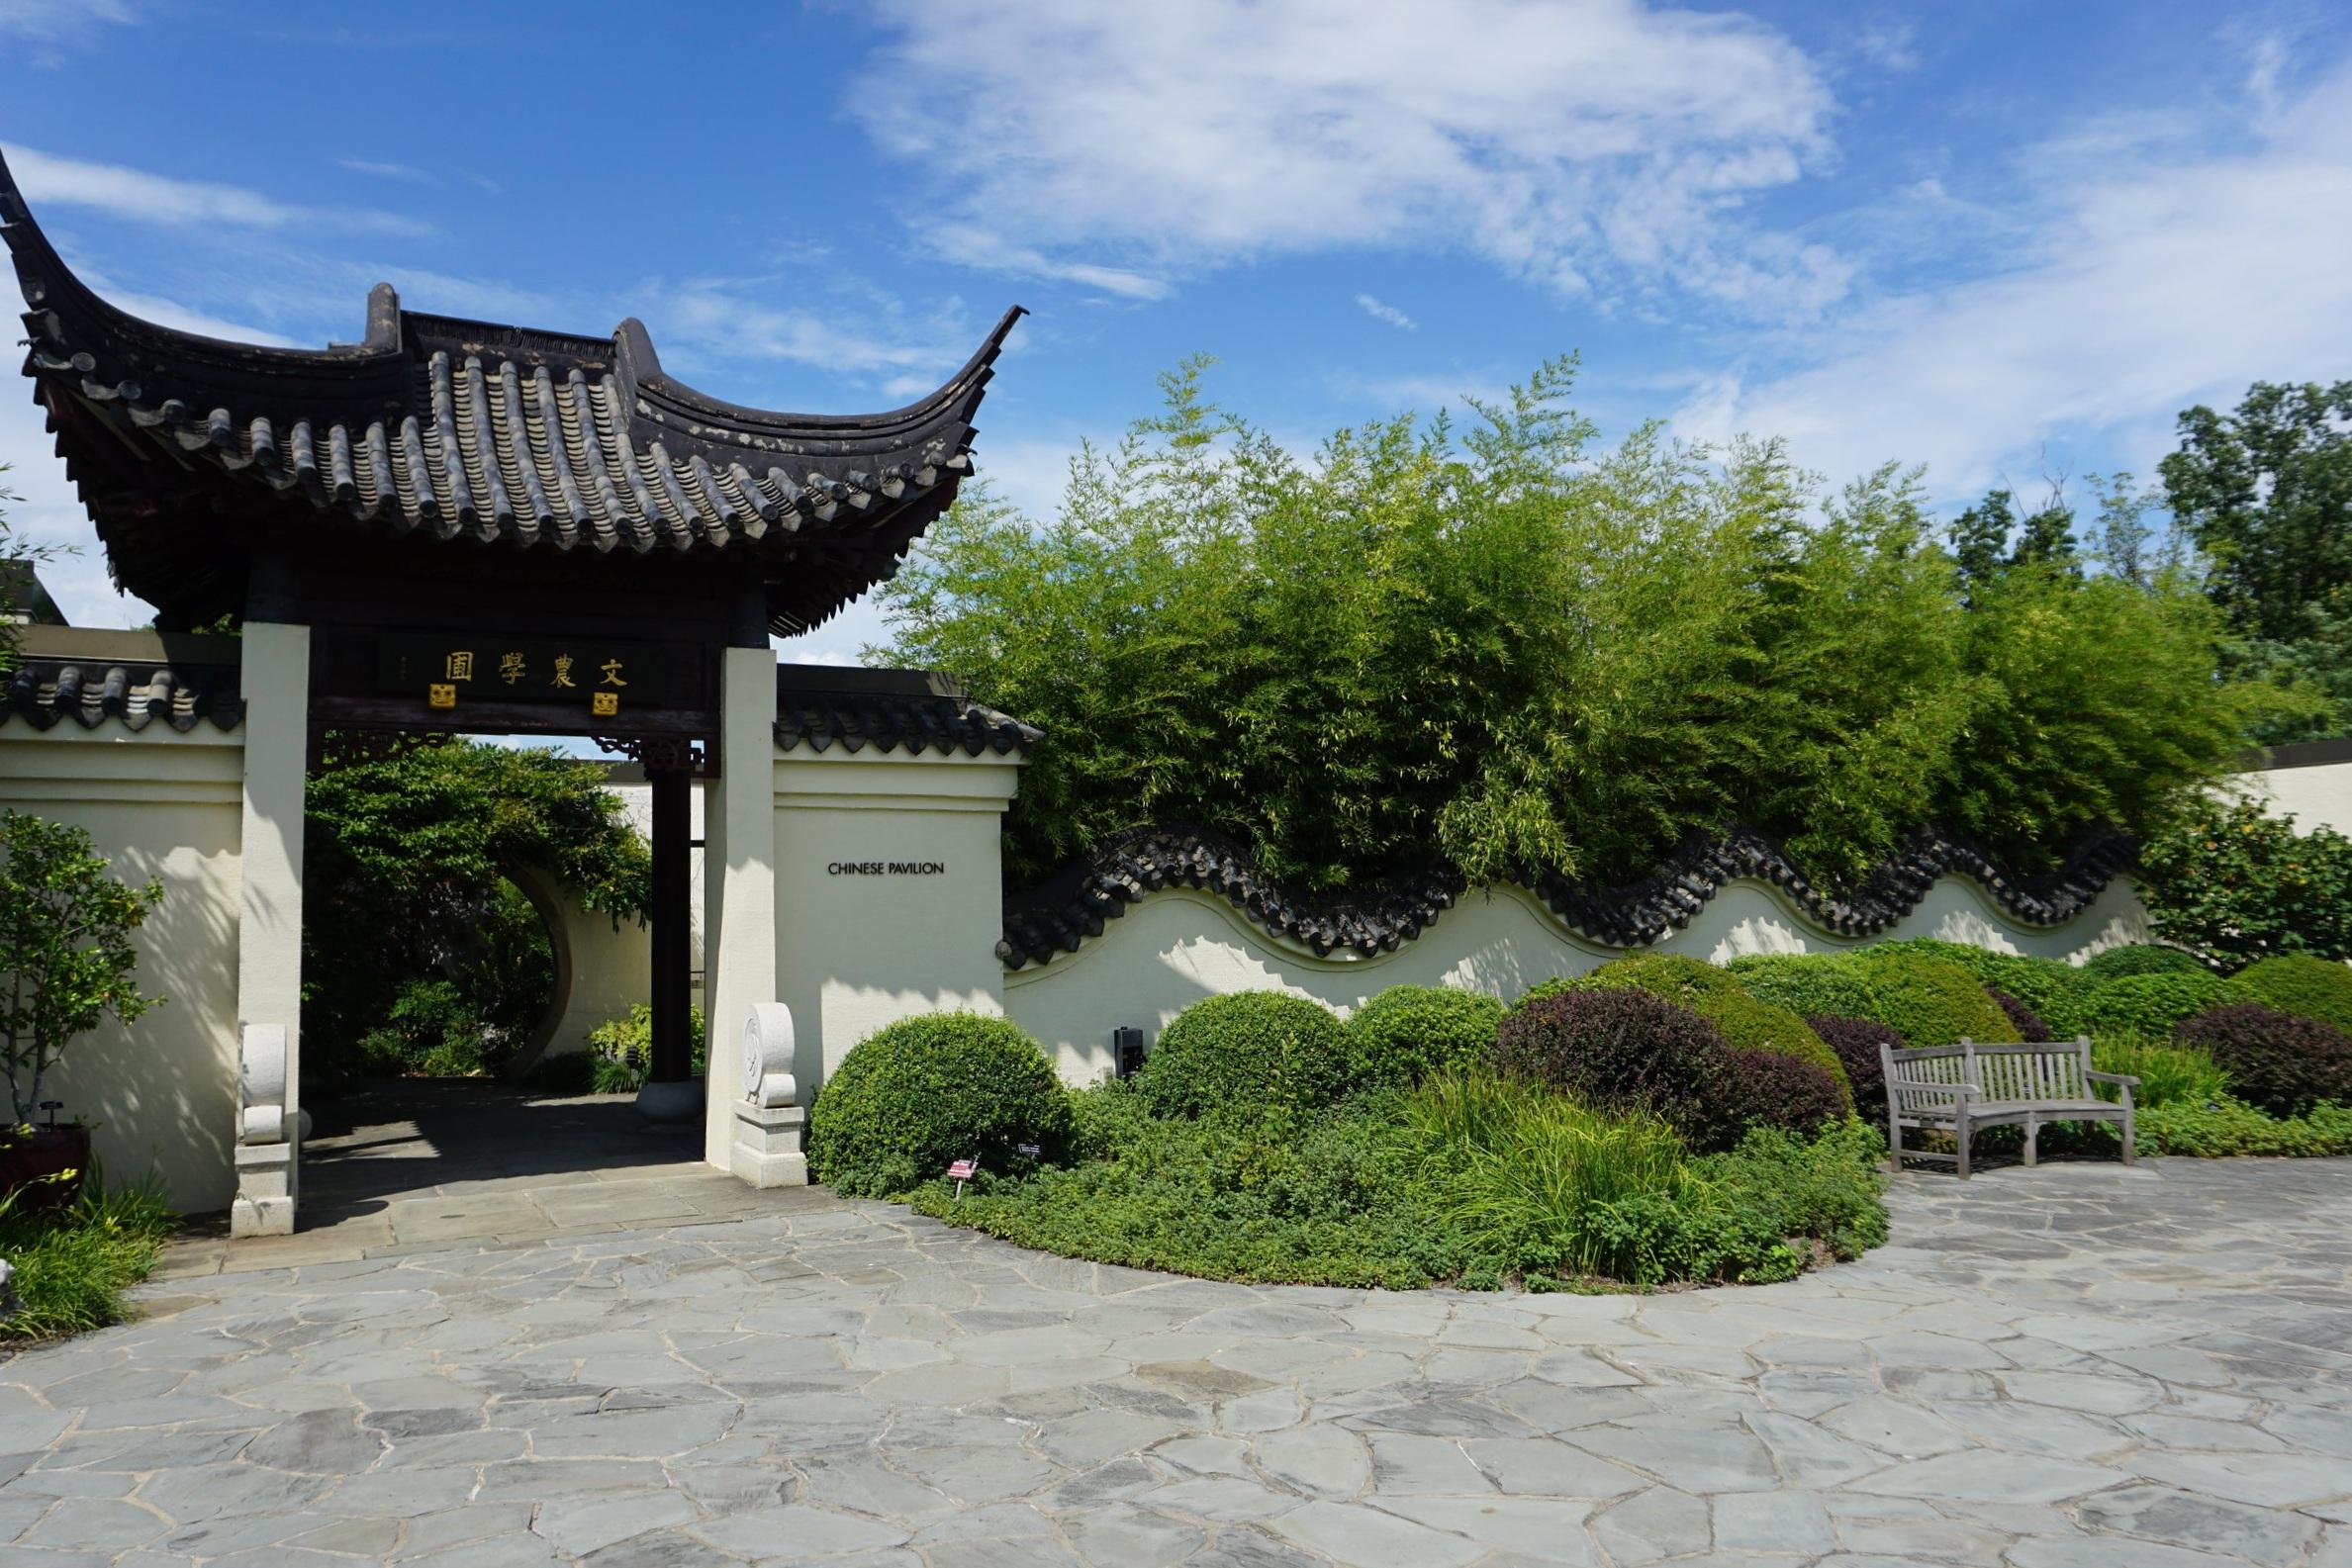 National-Arboretum-Washington-DC-Chinese-pavilion.JPG